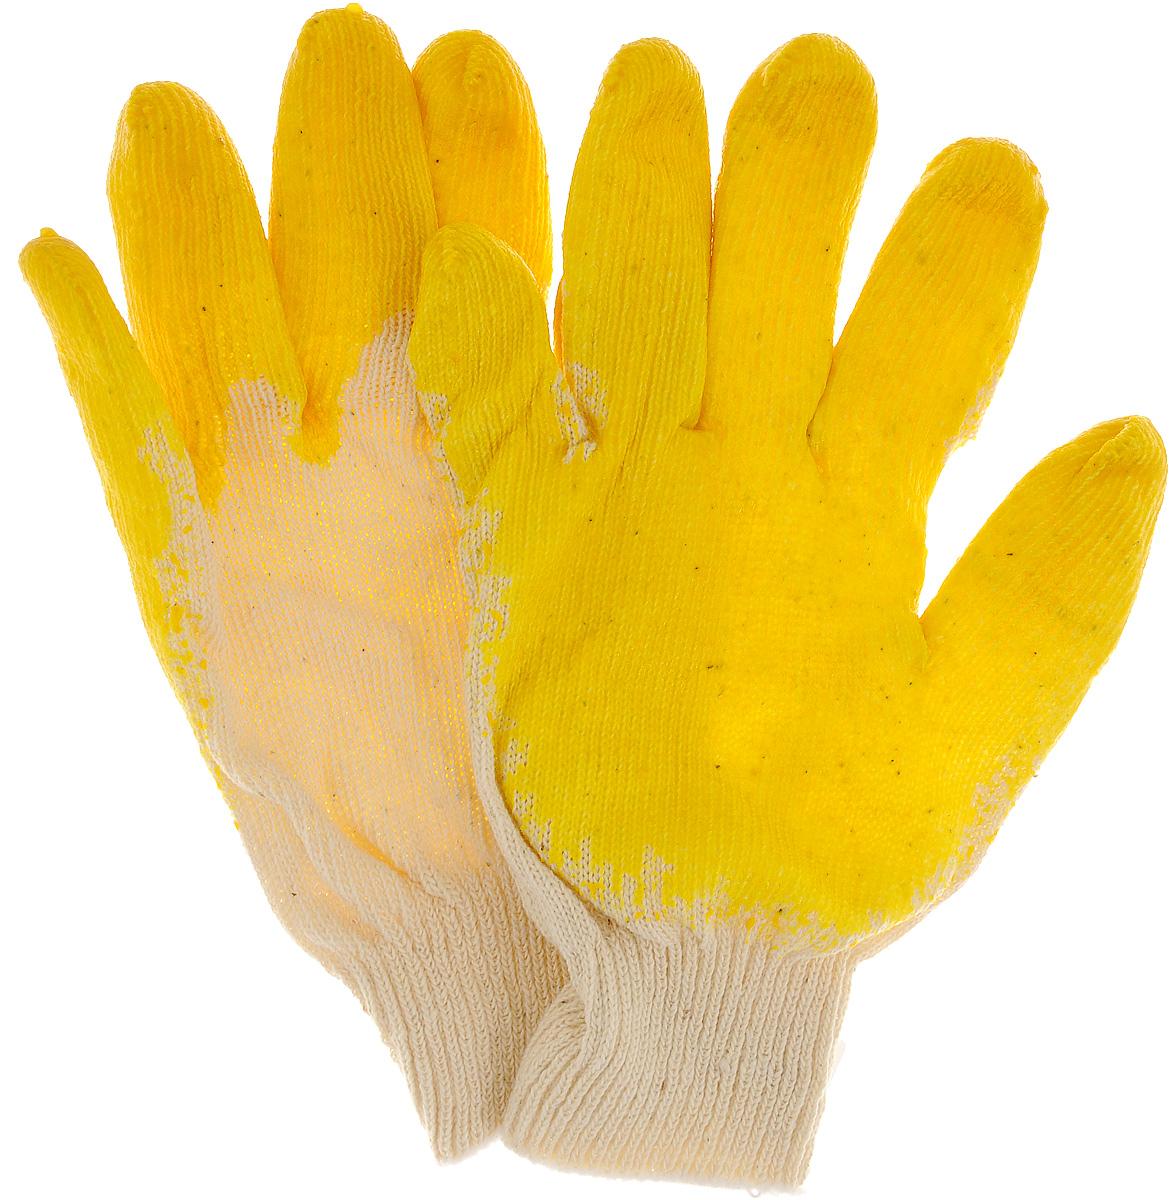 Перчатки хозяйственные РОС, с латексной заливкой наладонника, цвет: желтый, белый, 22 х 12 х 1,5 см12470_желтый, белыйХозяйственные перчатки РОС предназначены для строительных и погрузочно-разгрузочных работ. Изготовлены из 100% хлопка, что обеспечивает естественный воздухообмен. Ладонная часть усилена слоем латекса увеличенной толщины для дополнительной защиты рук, а рельефная поверхность увеличивает сцепные свойства и позволяет крепко удерживать инструмент и различные предметы во время работы. Перчатки устойчивы к истиранию и имеют долгий срок эксплуатации.